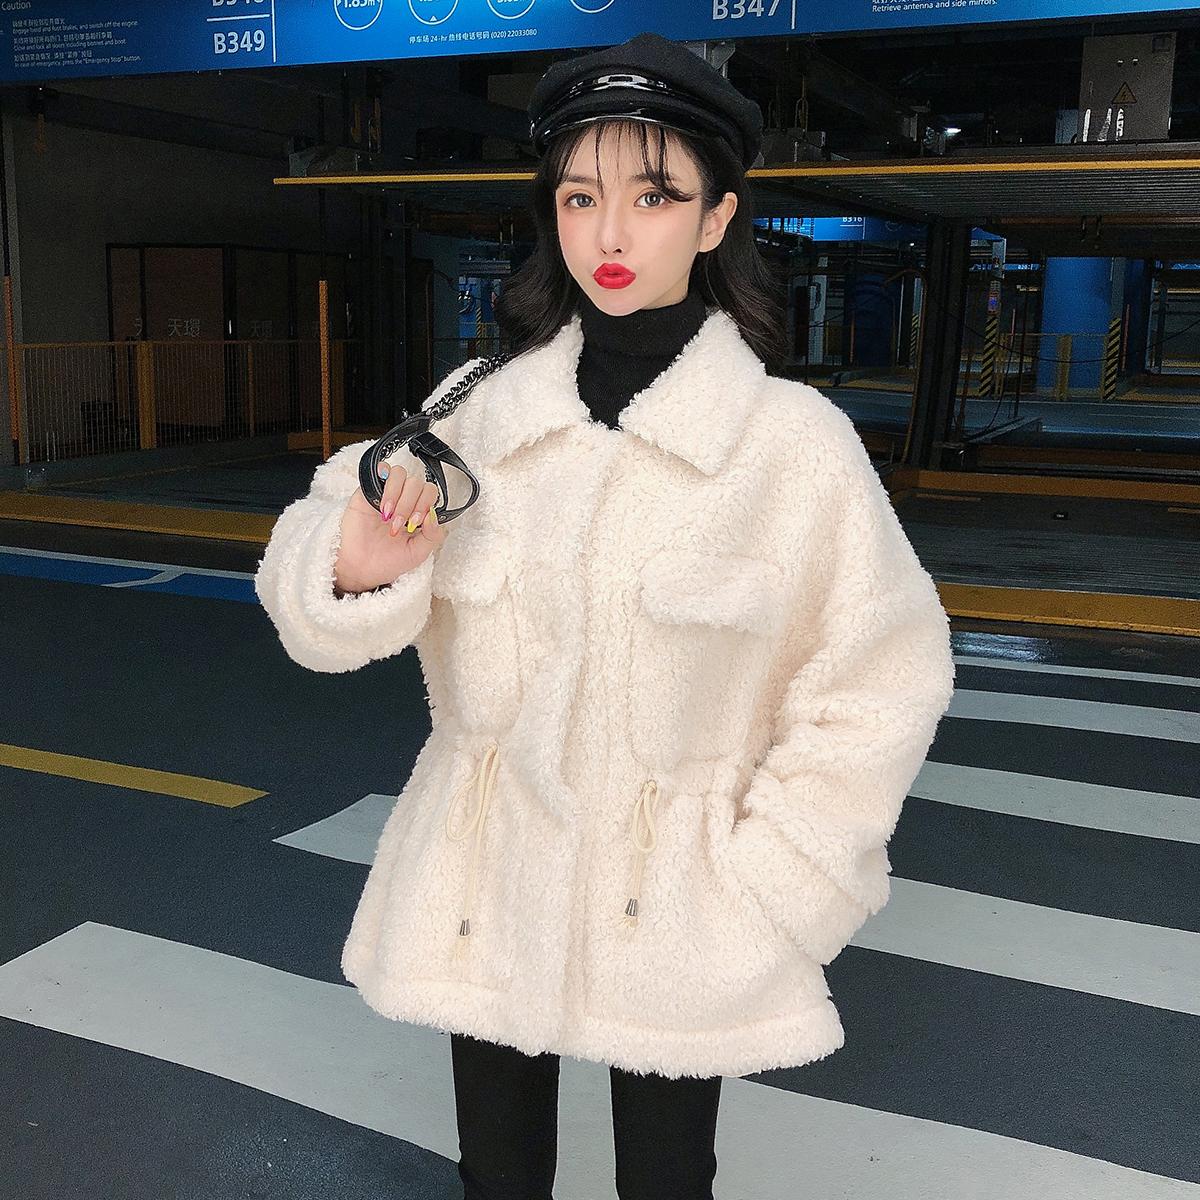 实拍现货新款羊剪绒大衣女翻领韩版宽松复合皮毛一体皮草外套女 -